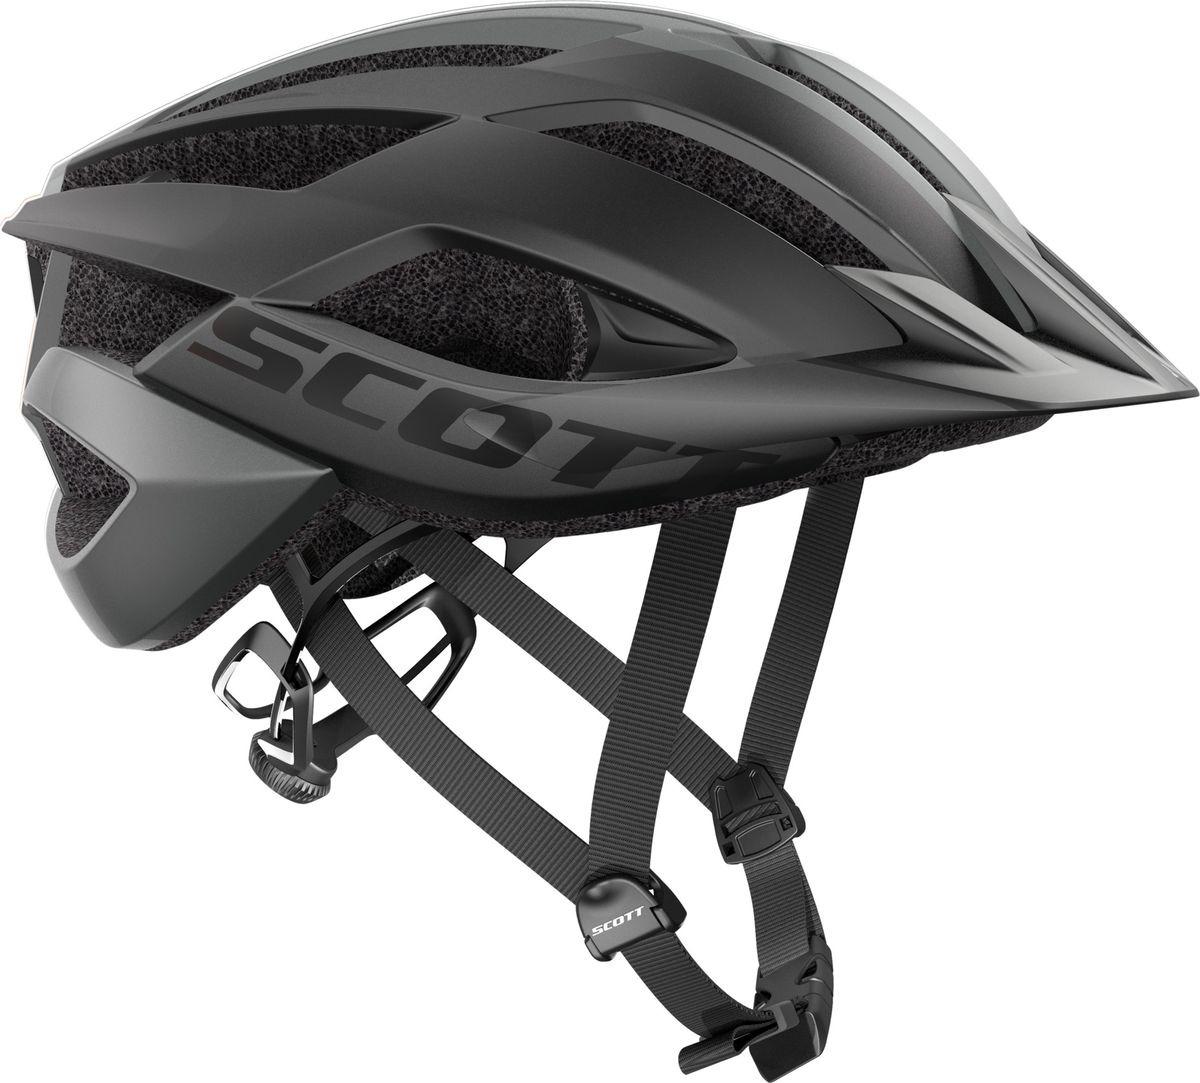 Шлем защитный Scott Arx MTB, 241254-0001, черный, размер S (51/55) цены